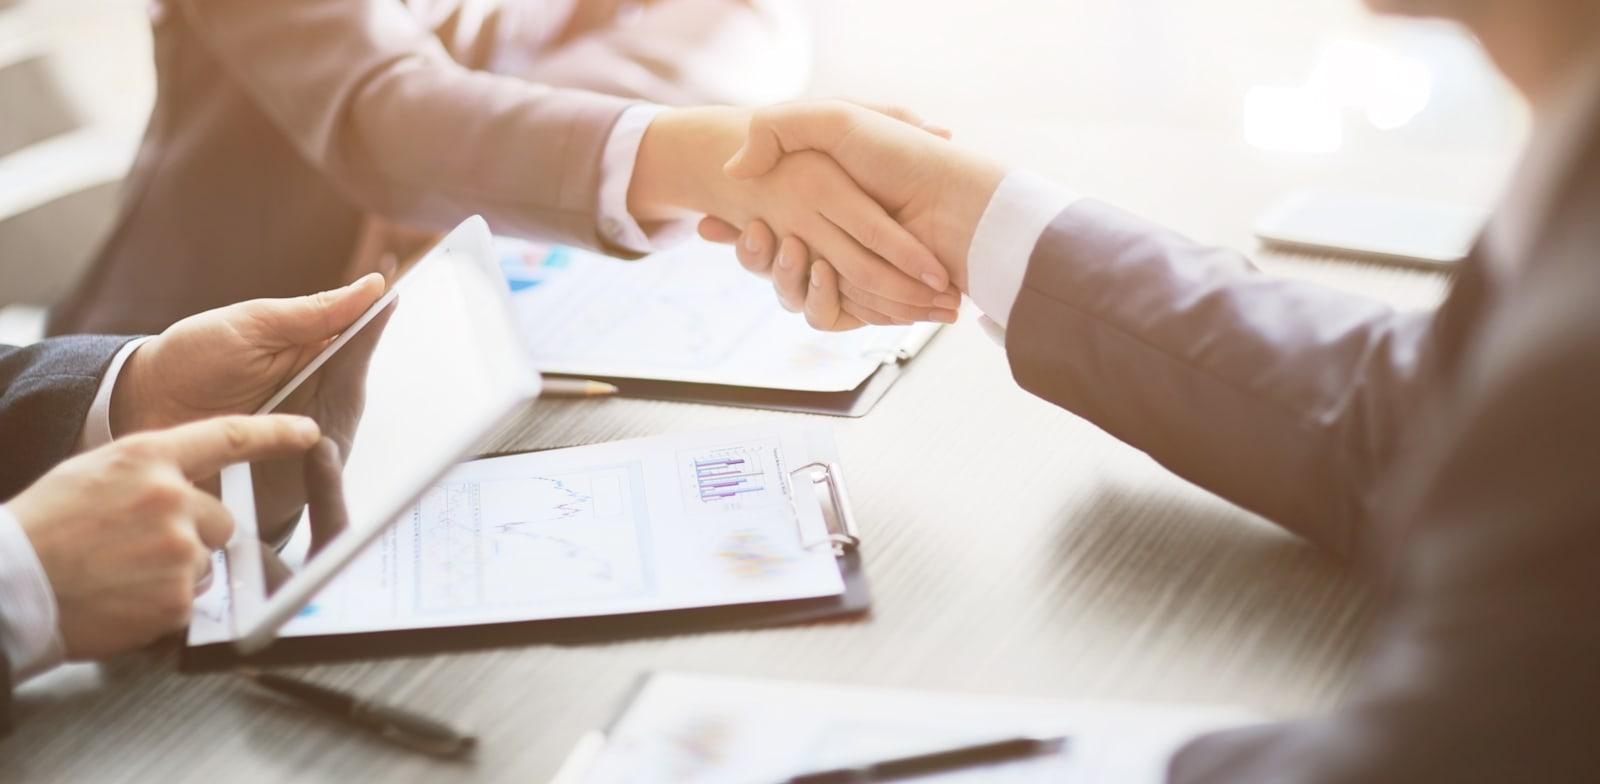 המשקיעים מחכים לעסקים / צילום: Shutterstock